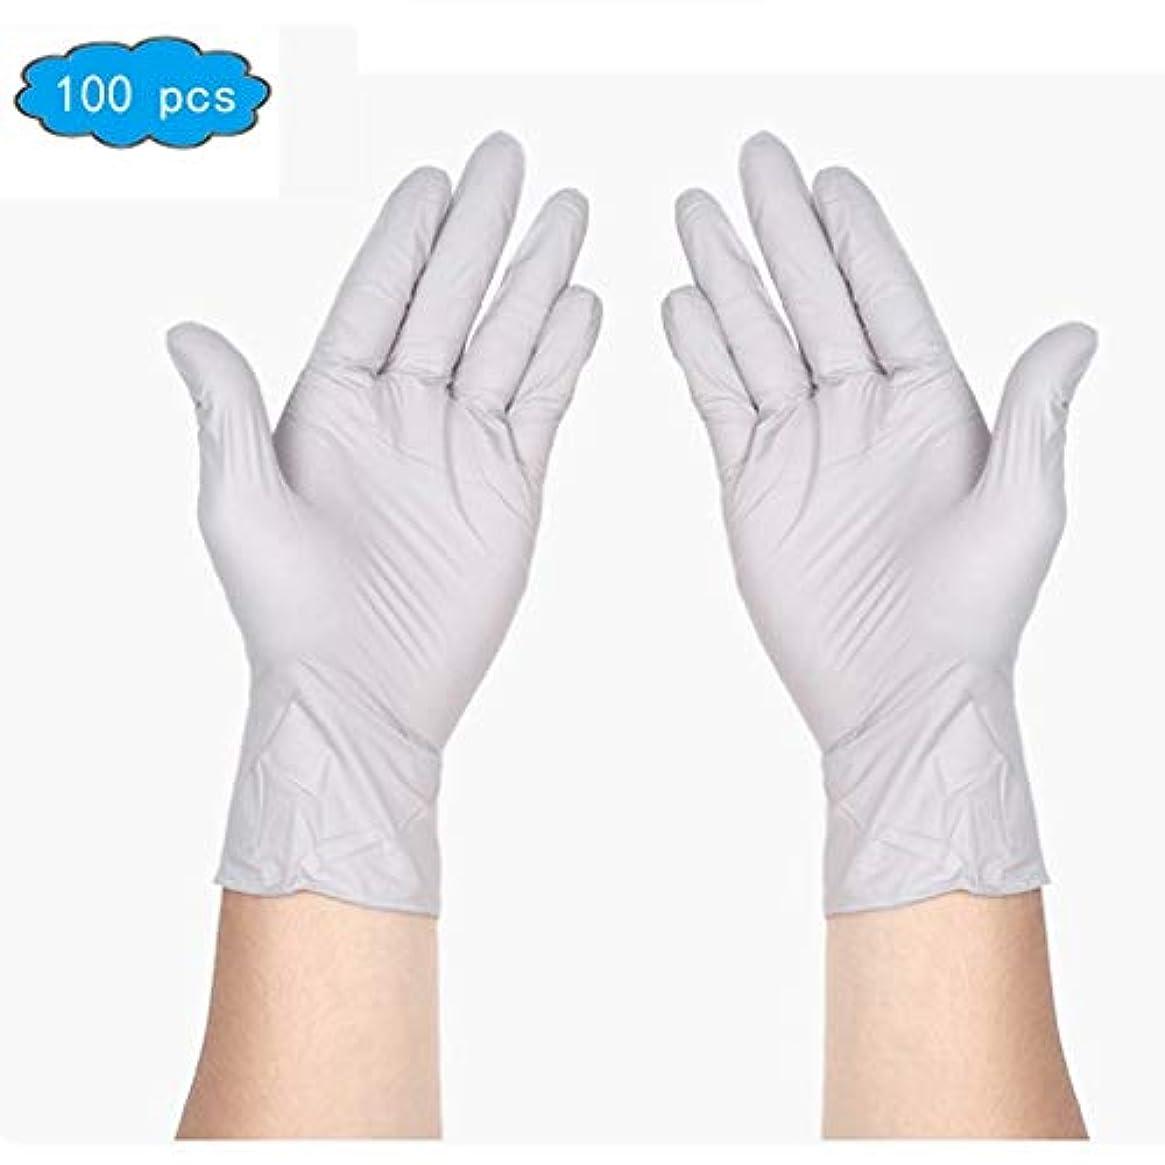 ベルベットバーゲンシンポジウムニトリル試験用手袋 - 医療用グレード、パウダーフリー、ラテックスラバーフリー、使い捨て、非滅菌、食品安全、テクスチャード加工、白色、2.5ミル、便利なディスペンサー、100個入り、サニタリーグローブ (Color : Gray, Size : M)